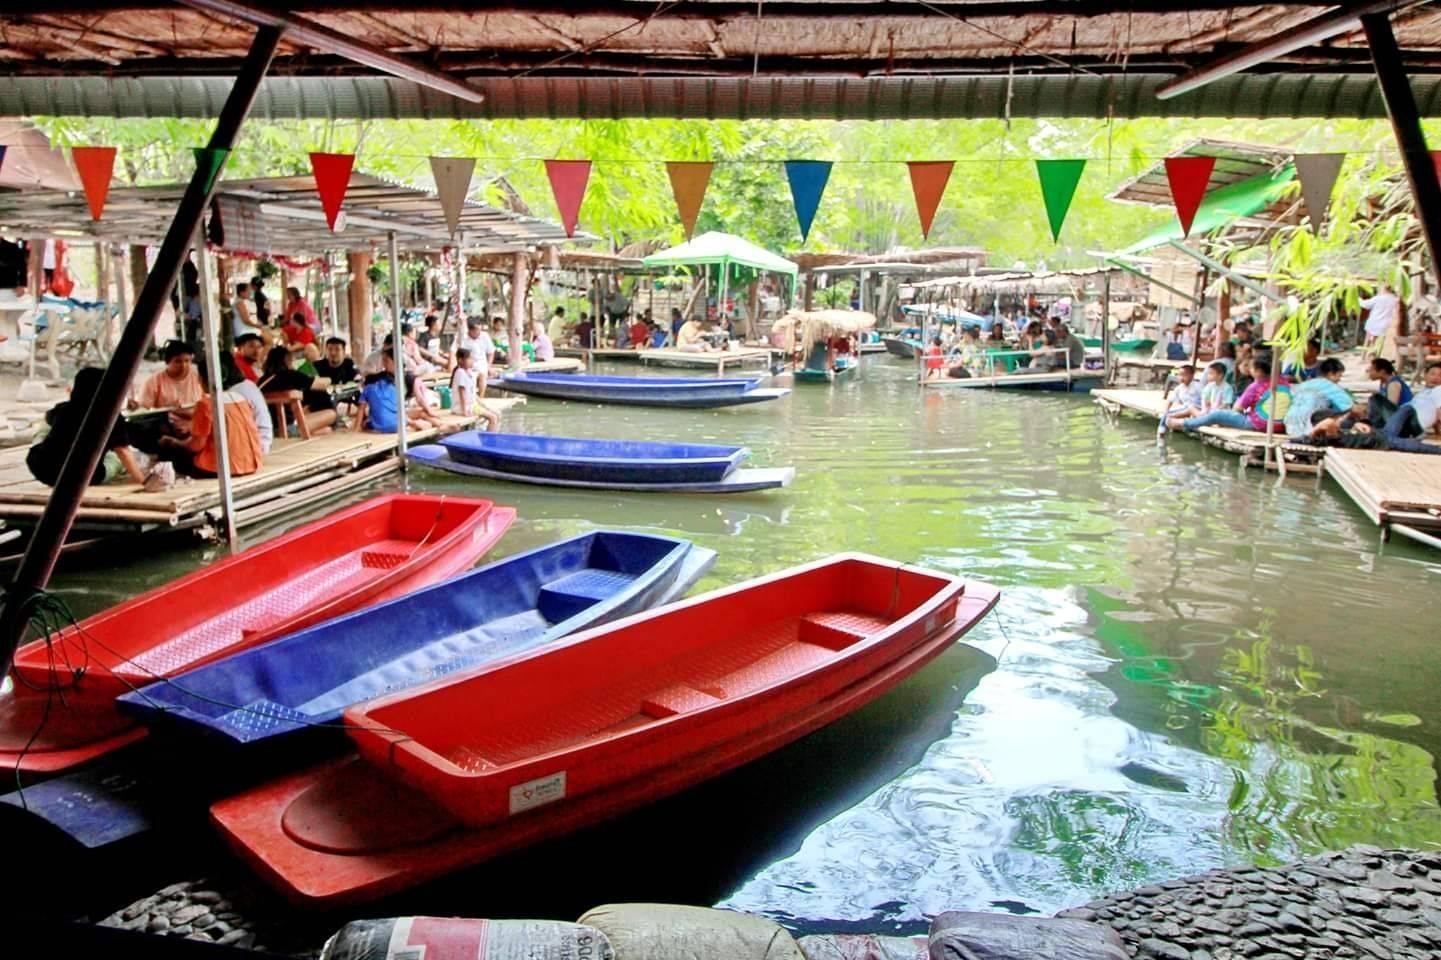 ตลาดน้ำกลางป่าบนน้ำตกกวางโจว